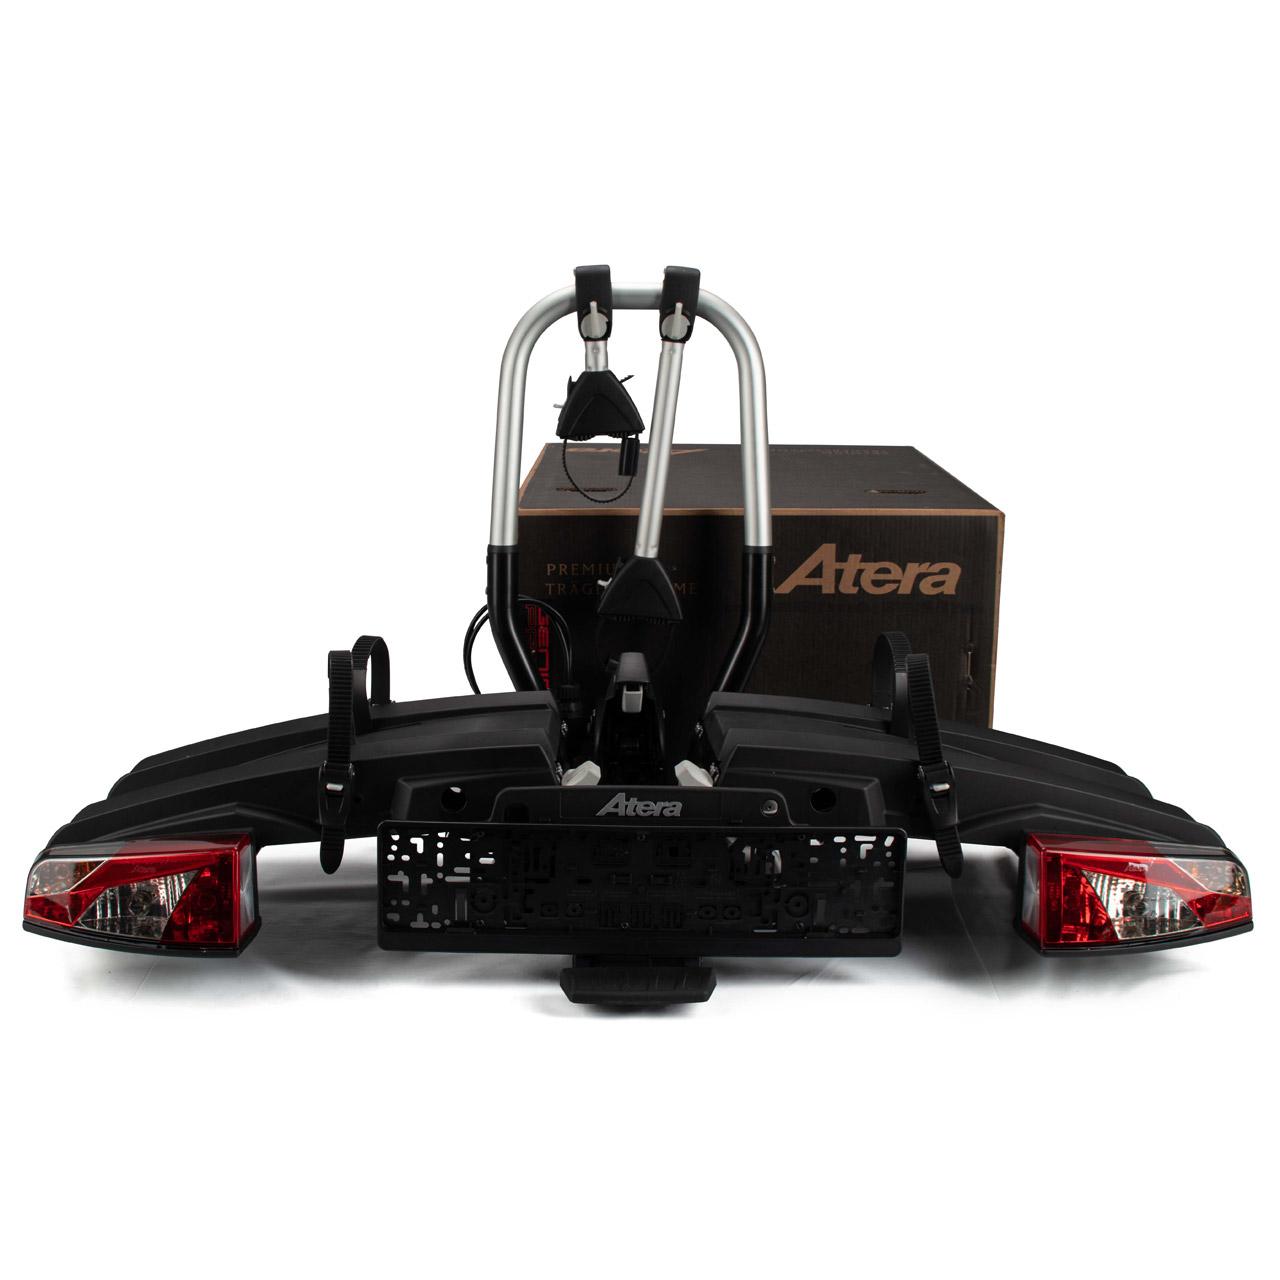 ATERA 22780 AHK GENIO PRO Fahrradträger Heckträger Kupplungsträger für 2 Räder